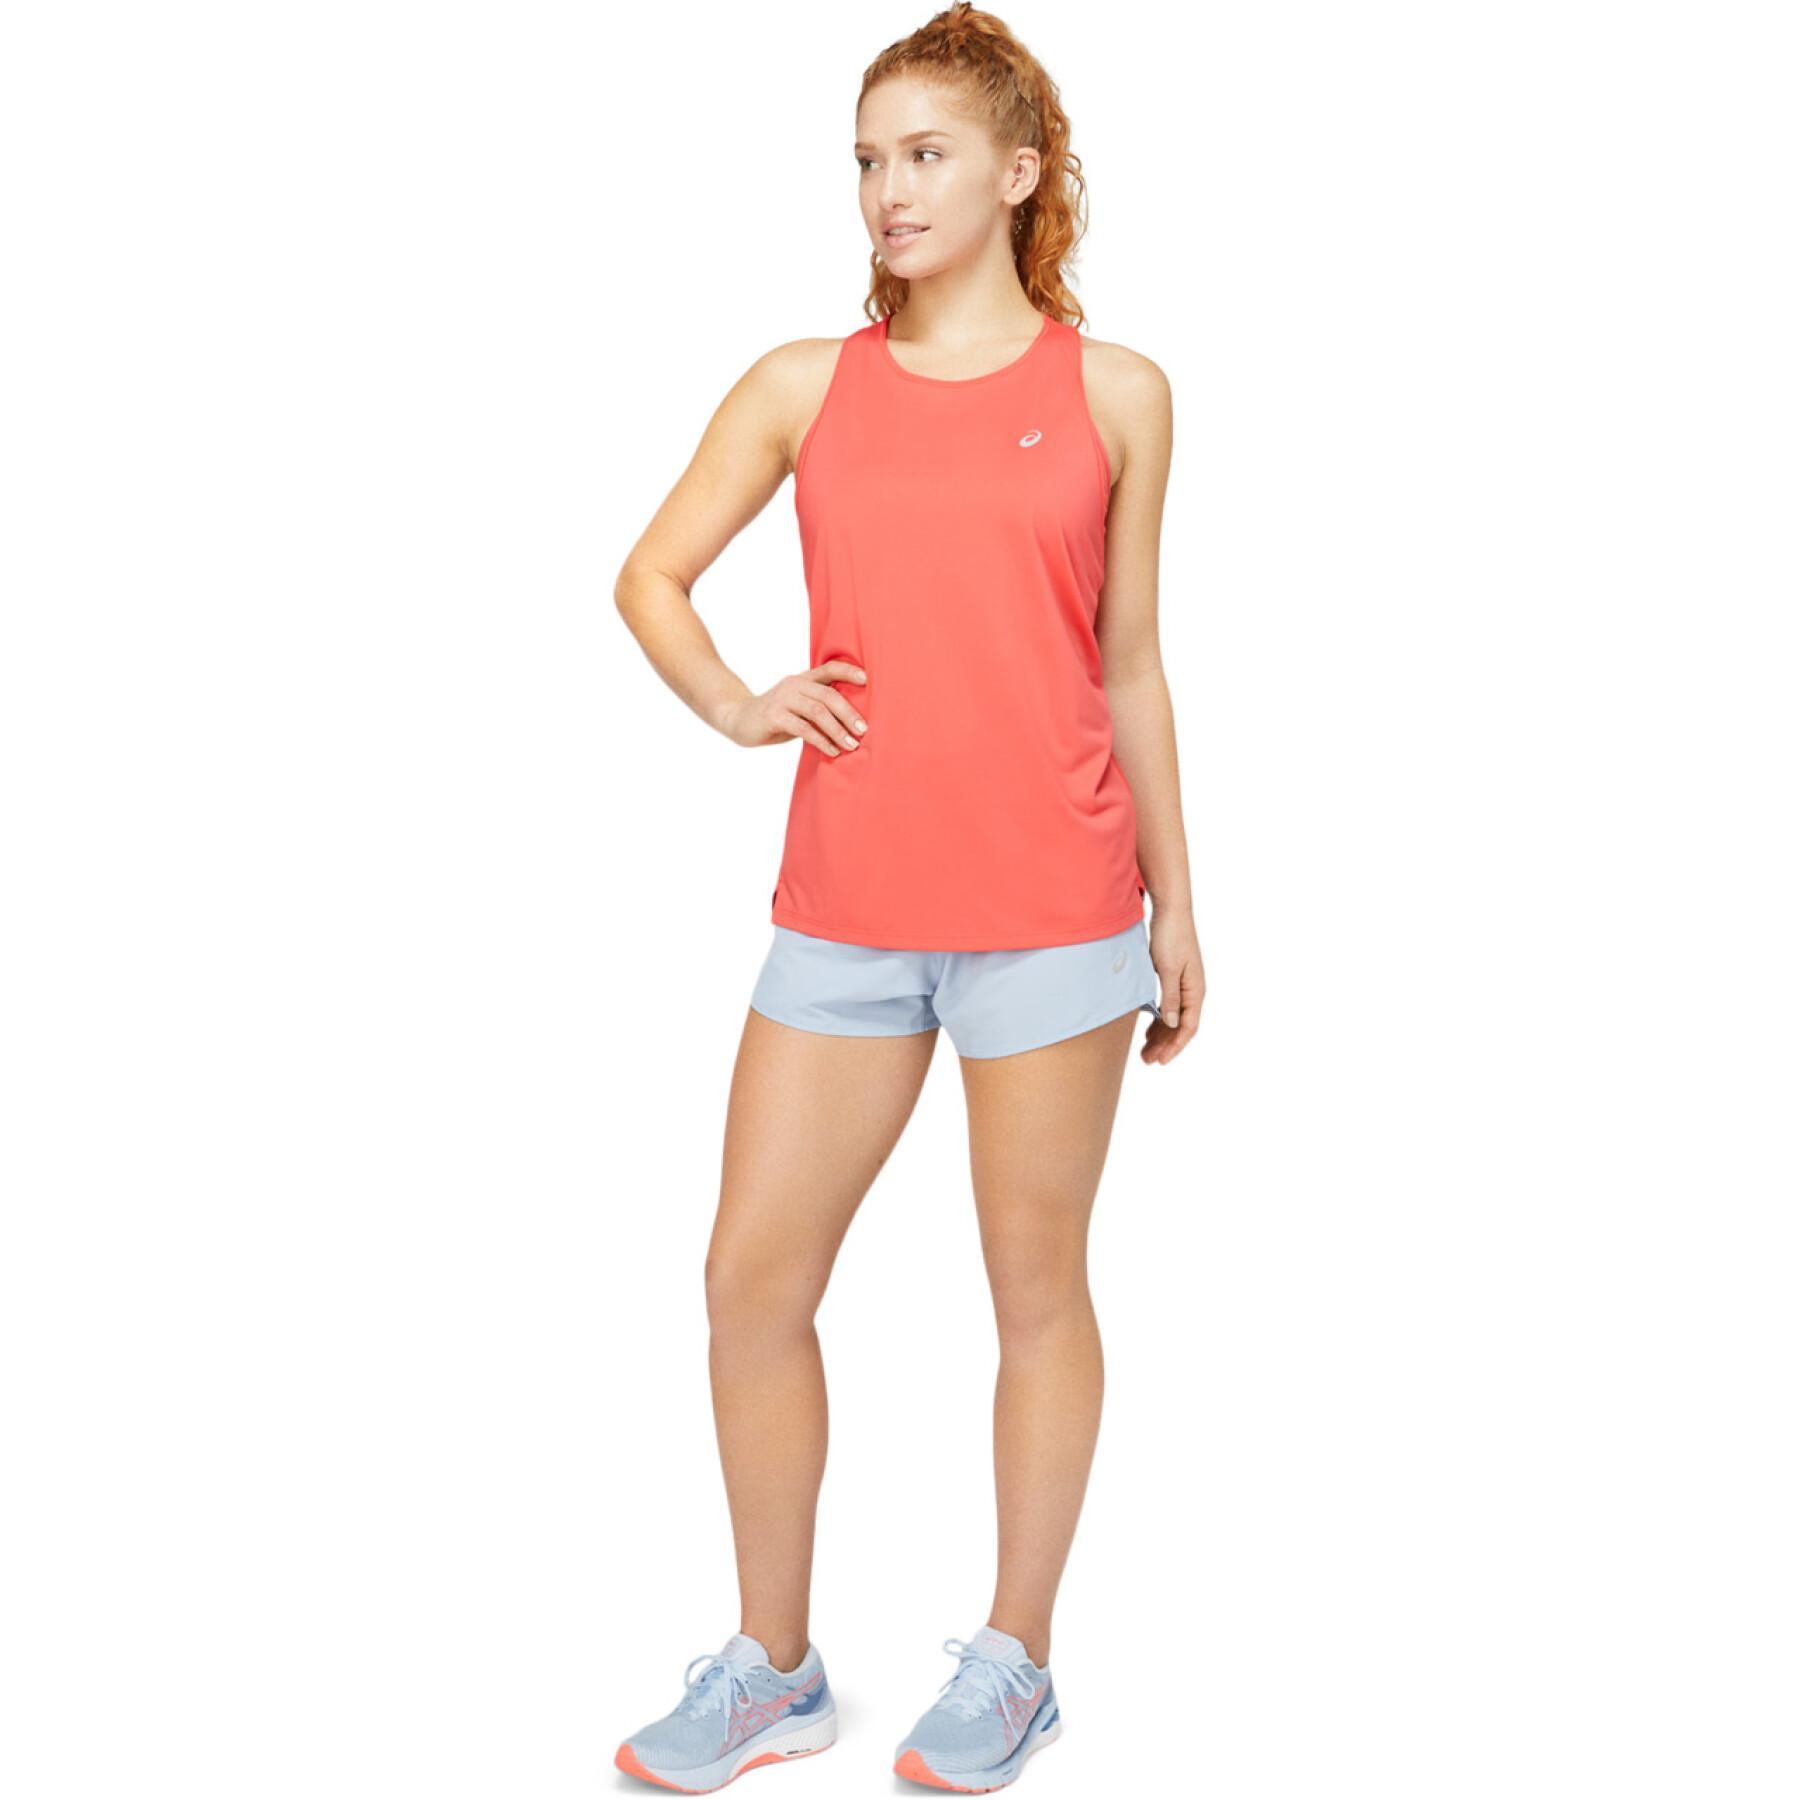 Women's sleeveless jersey Asics Race Sleeveless